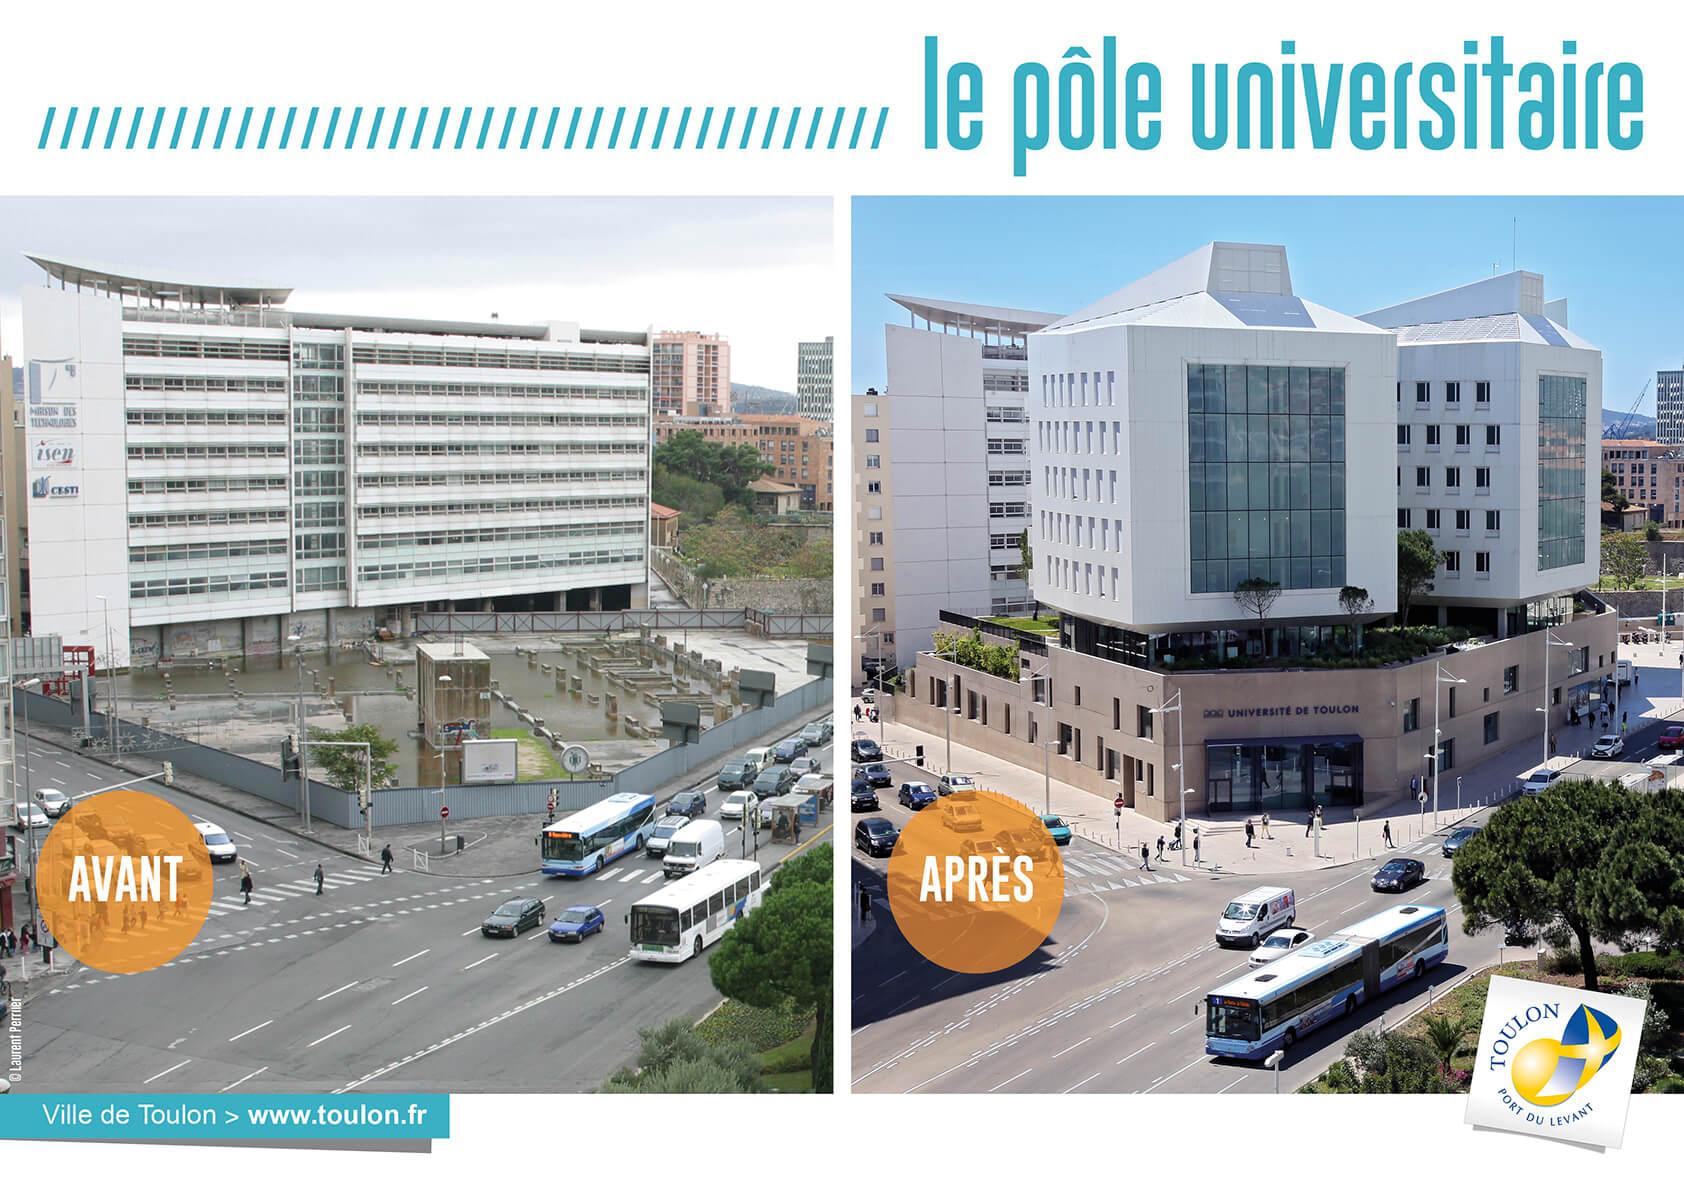 Le pôle universitaire